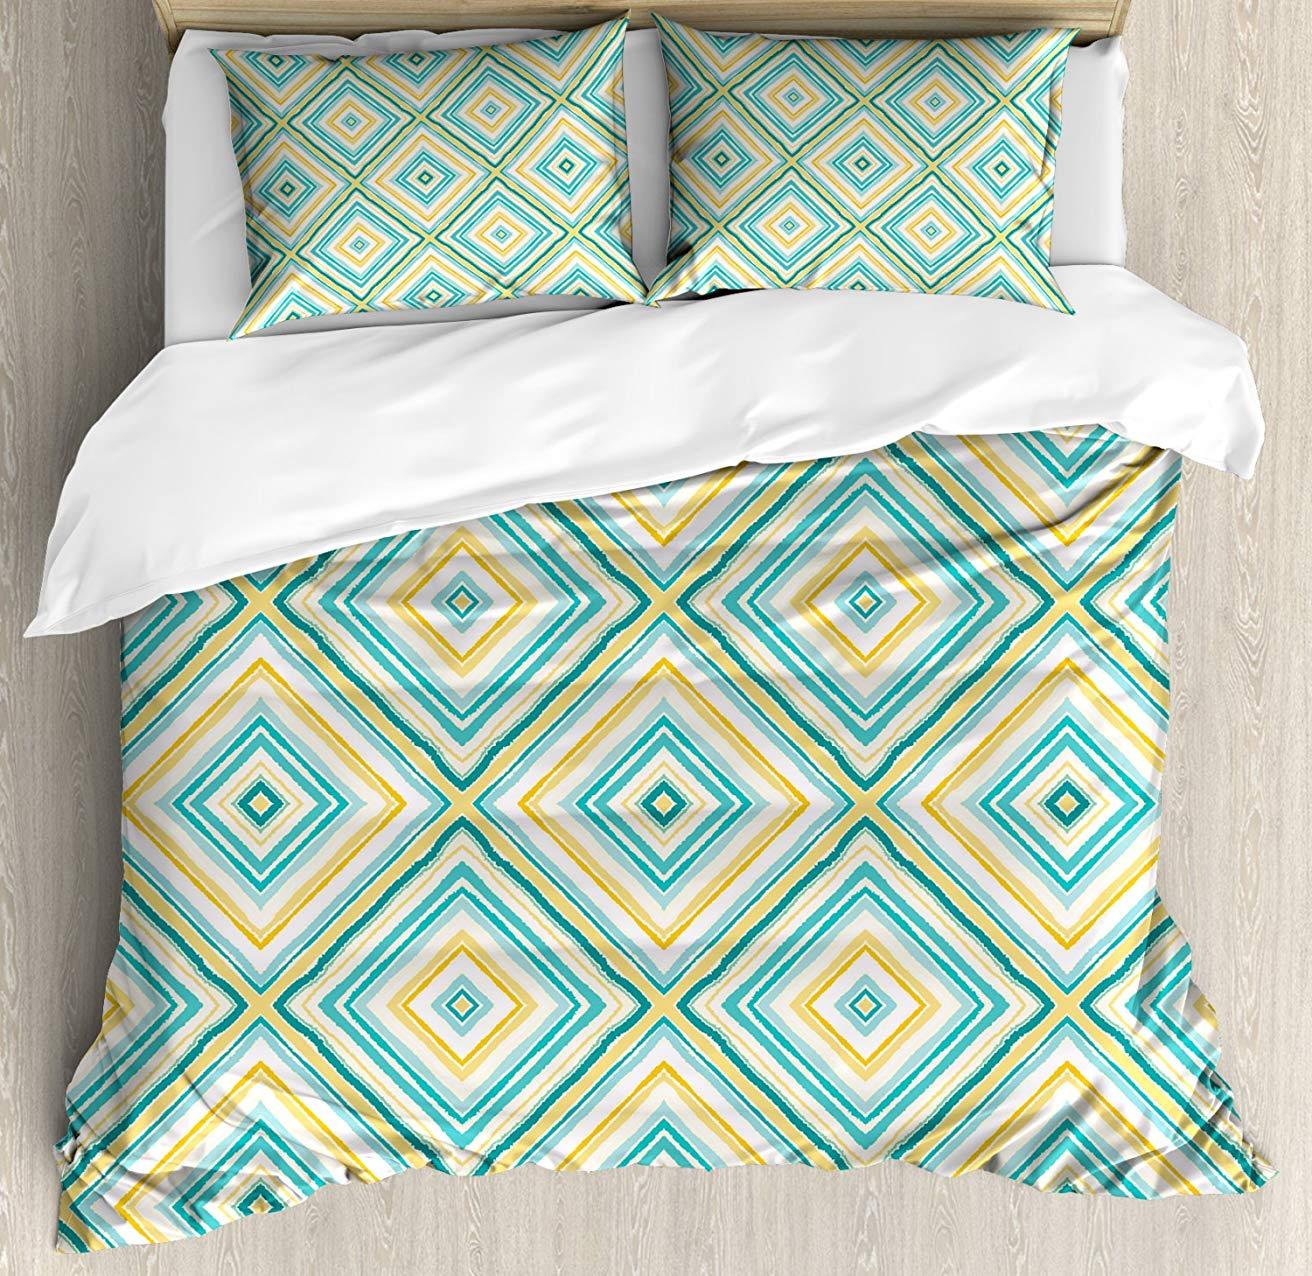 Aqua набор пододеяльников, квадратные ромбовидные линии с рваным бумажным эффектом в свежих весенних цветах, декоративный Комплект постельного белья из 3 предметов